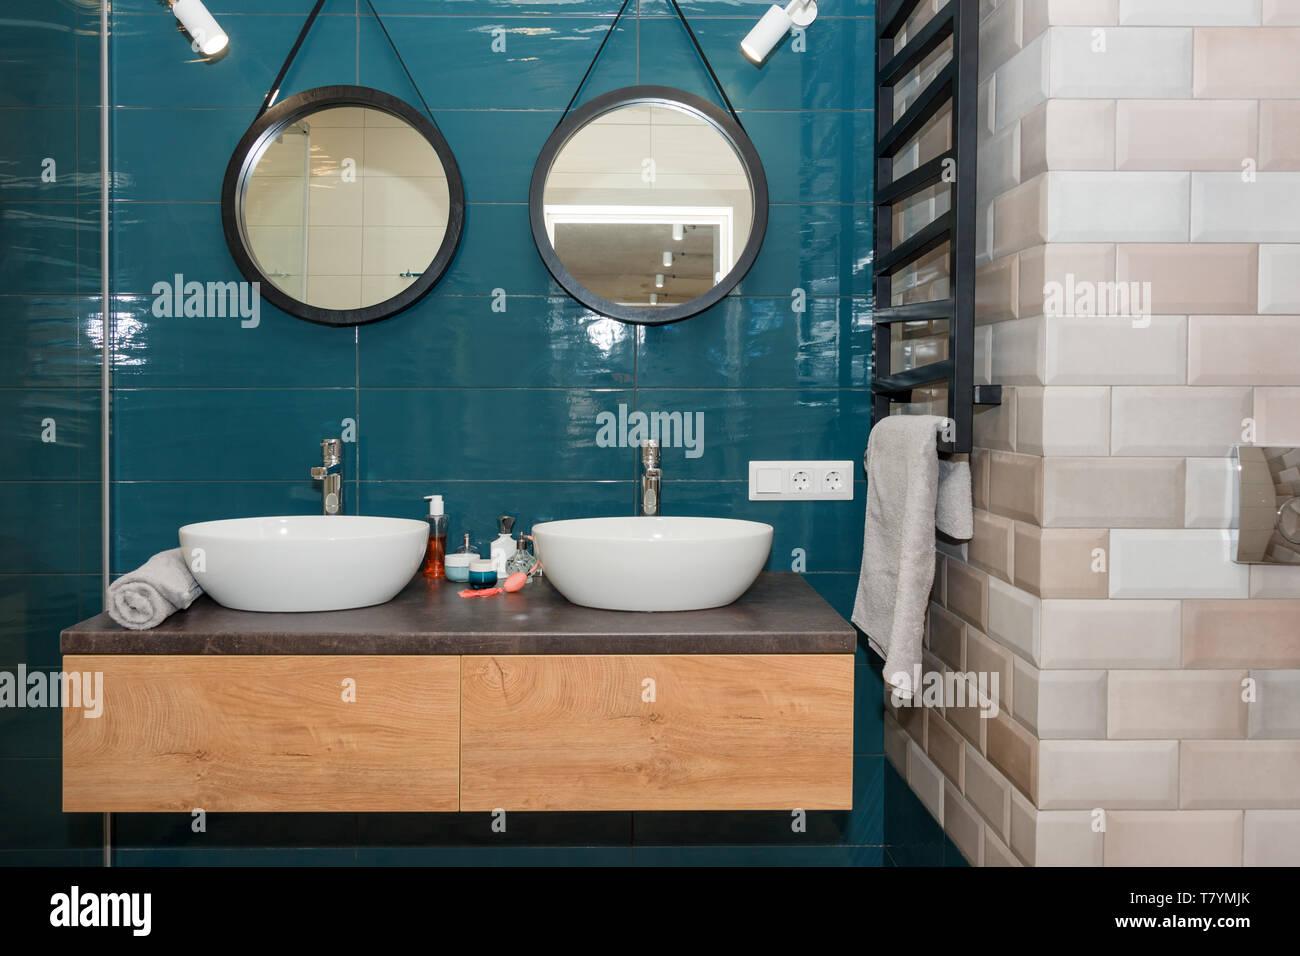 Espejos Redondos Lavabo.Bano Moderno Interior Con Un Estante De Madera Dos Lavabos